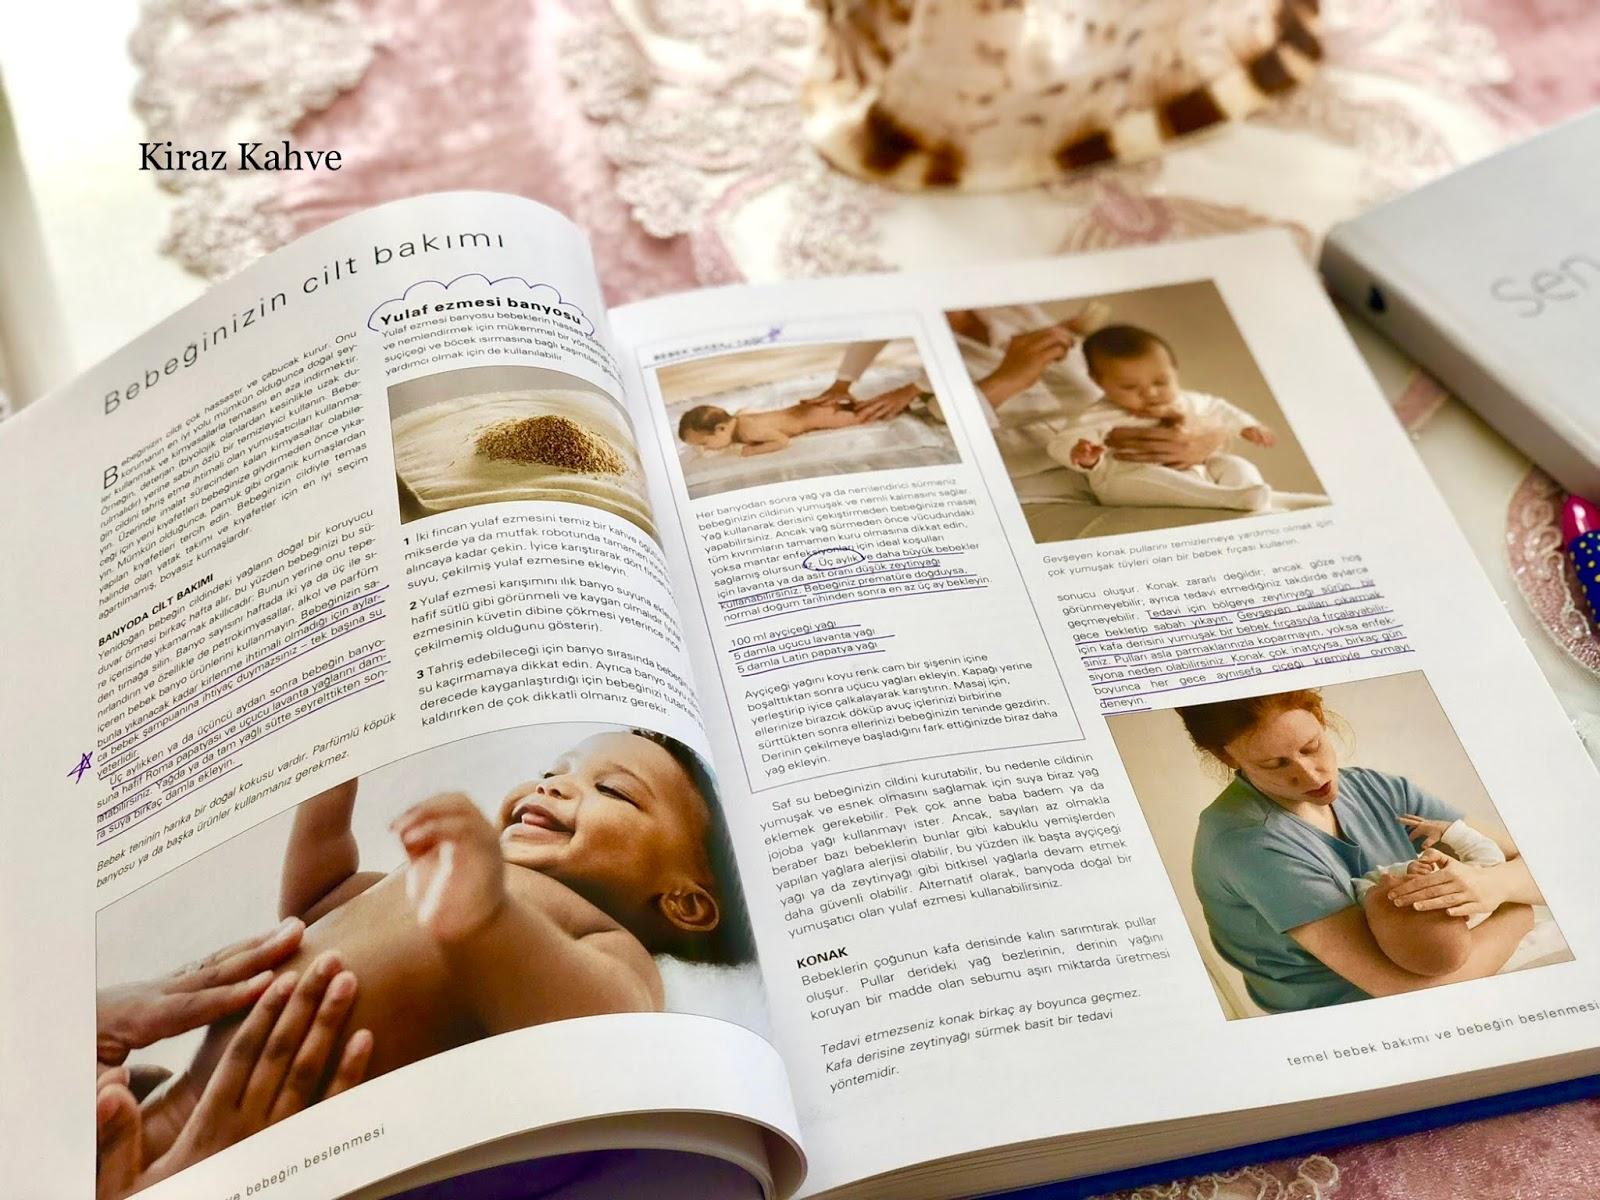 kim davies bebek bakımı ansiklopedisi